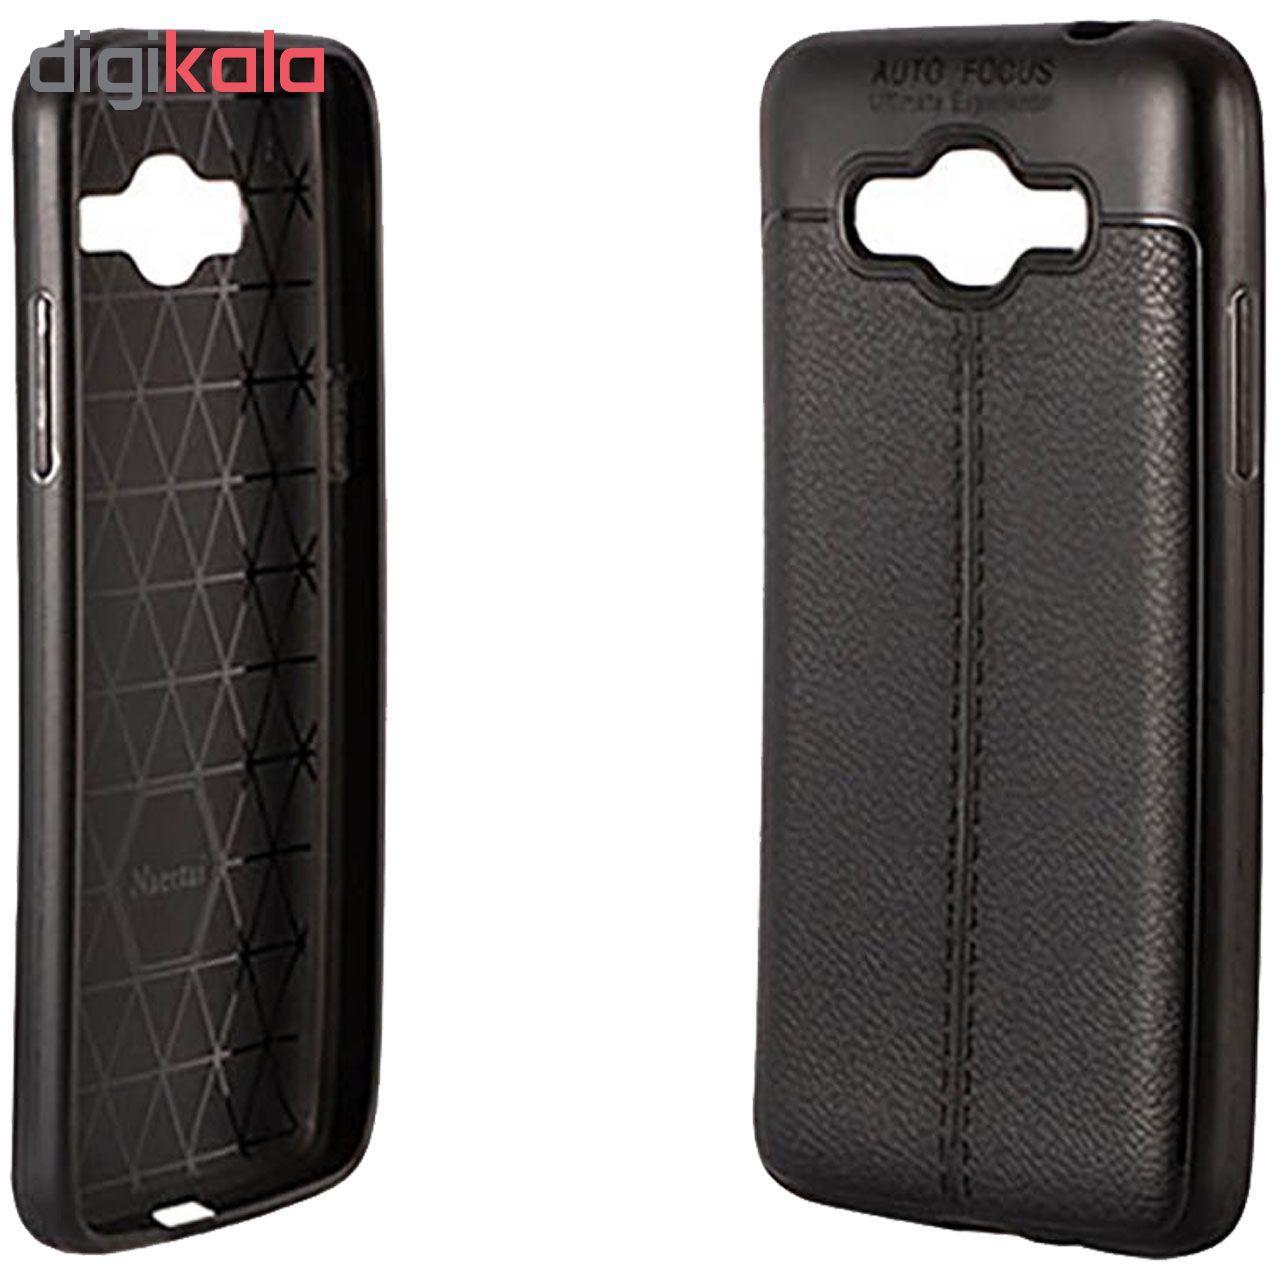 کاور مدل H43 مناسب برای گوشی موبایل سامسونگ Galaxy grand prime main 1 3